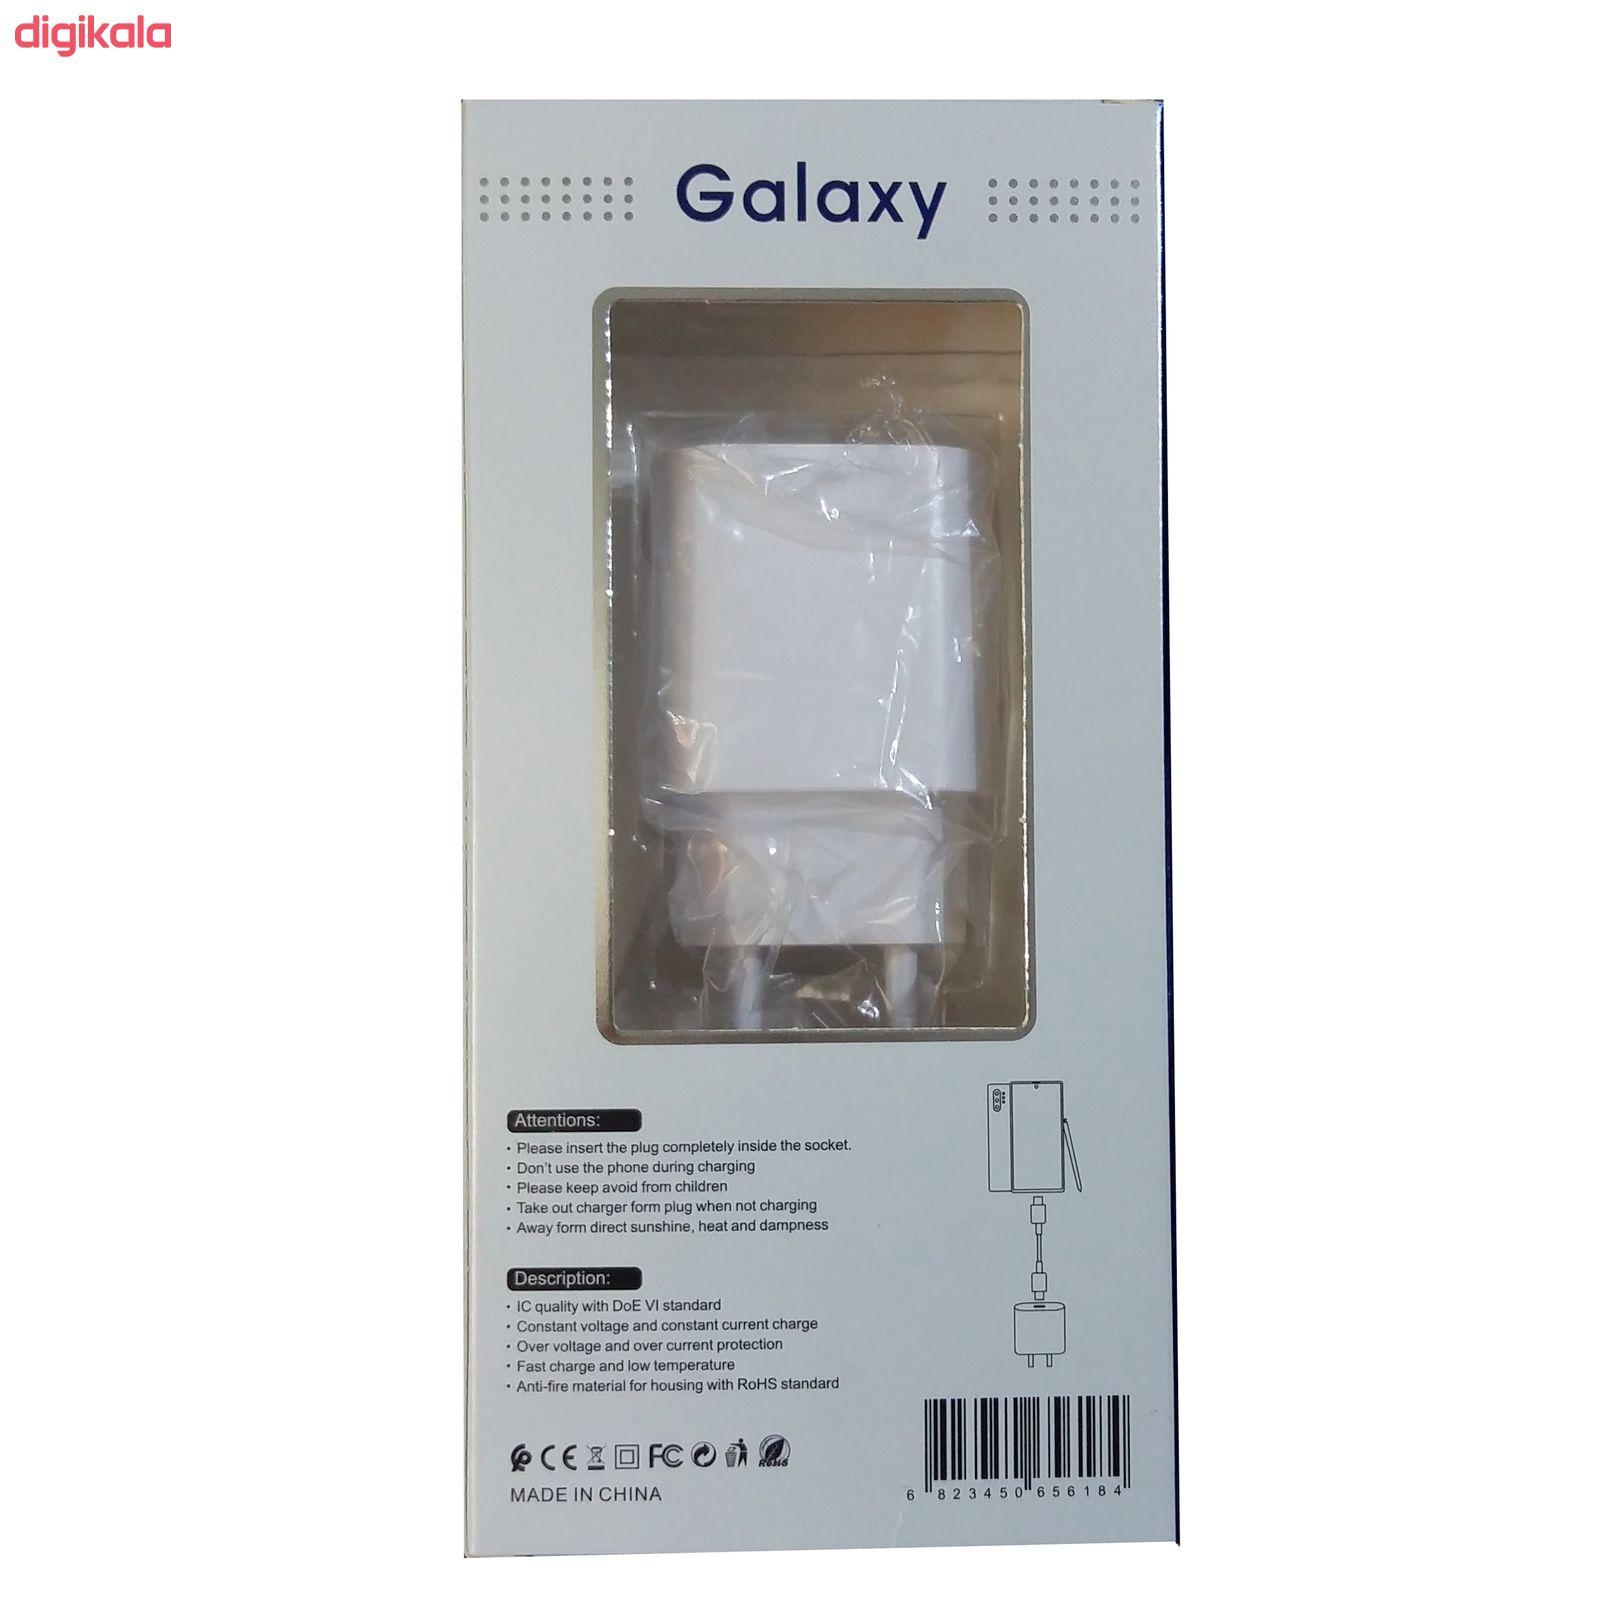 شارژر دیواری مدل galaxy A100 به همراه کابل تبدیل USB-C main 1 1